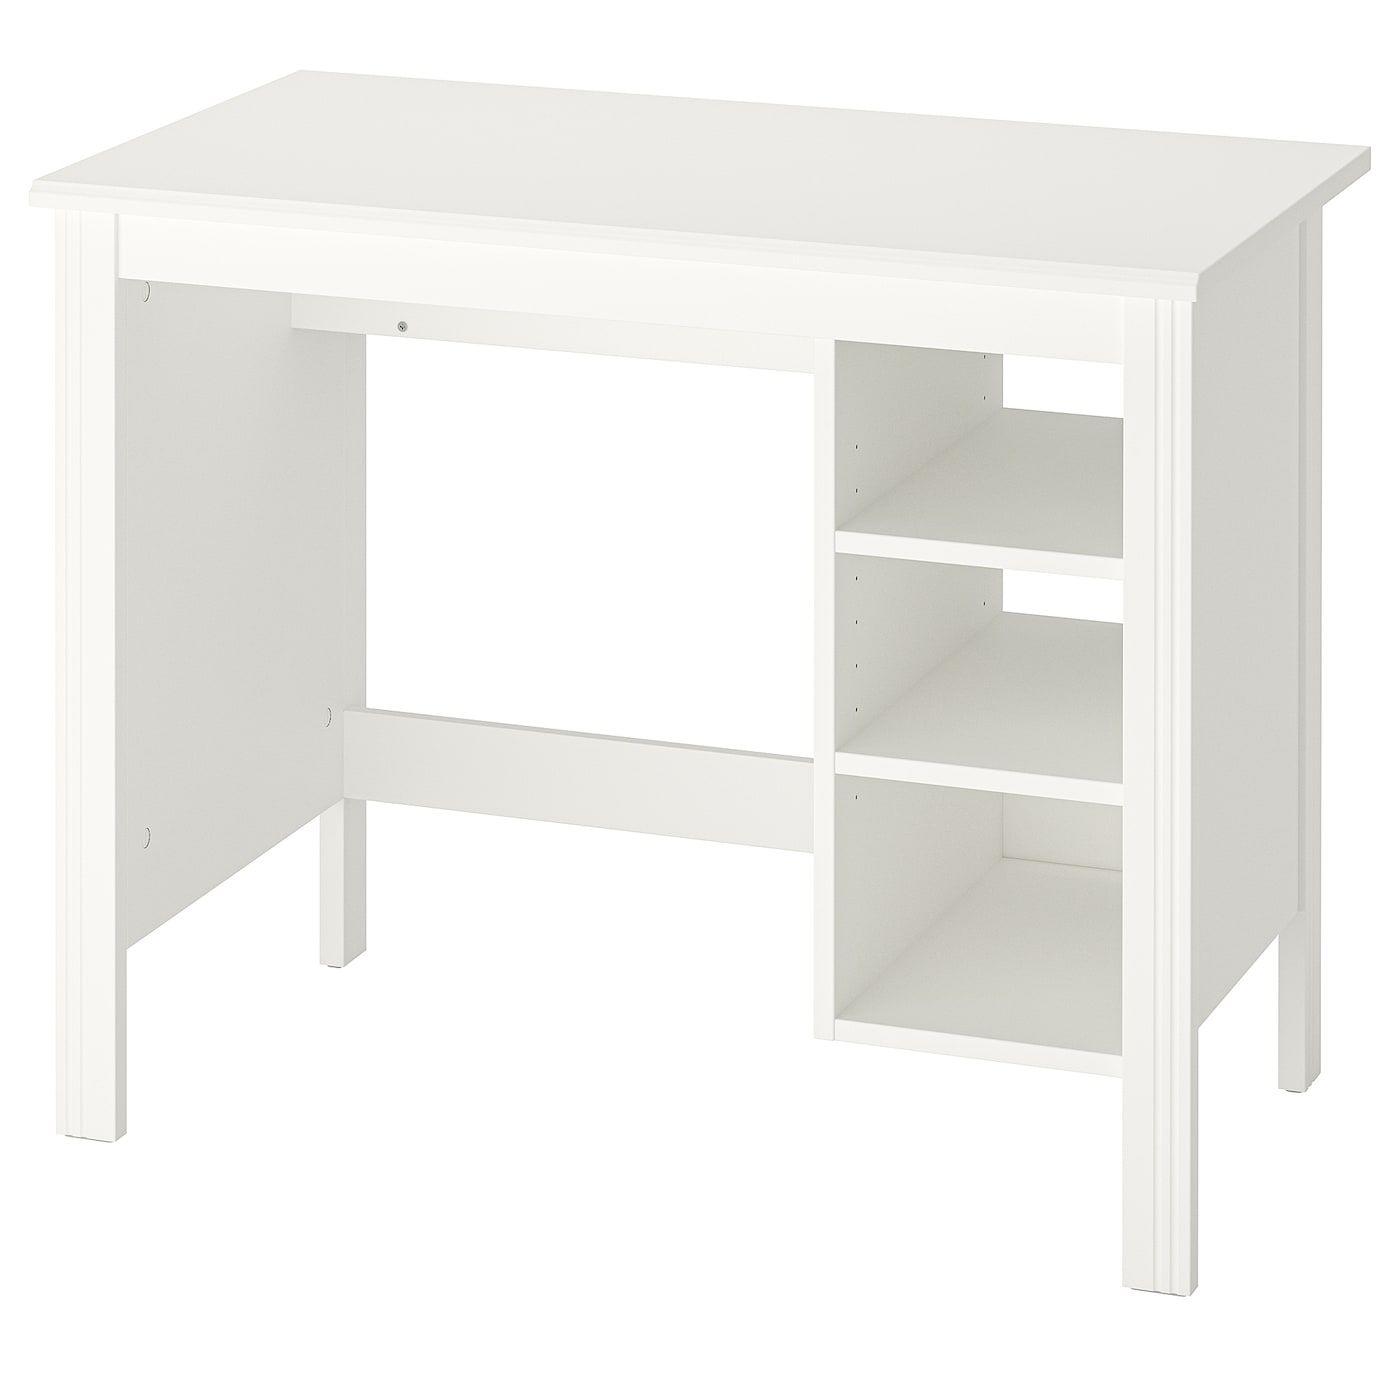 Brusali Schreibtisch Weiss 90x52 Cm Heute Noch Kaufen Ikea Osterreich In 2020 Ikea Brusali White Desks Home Desk